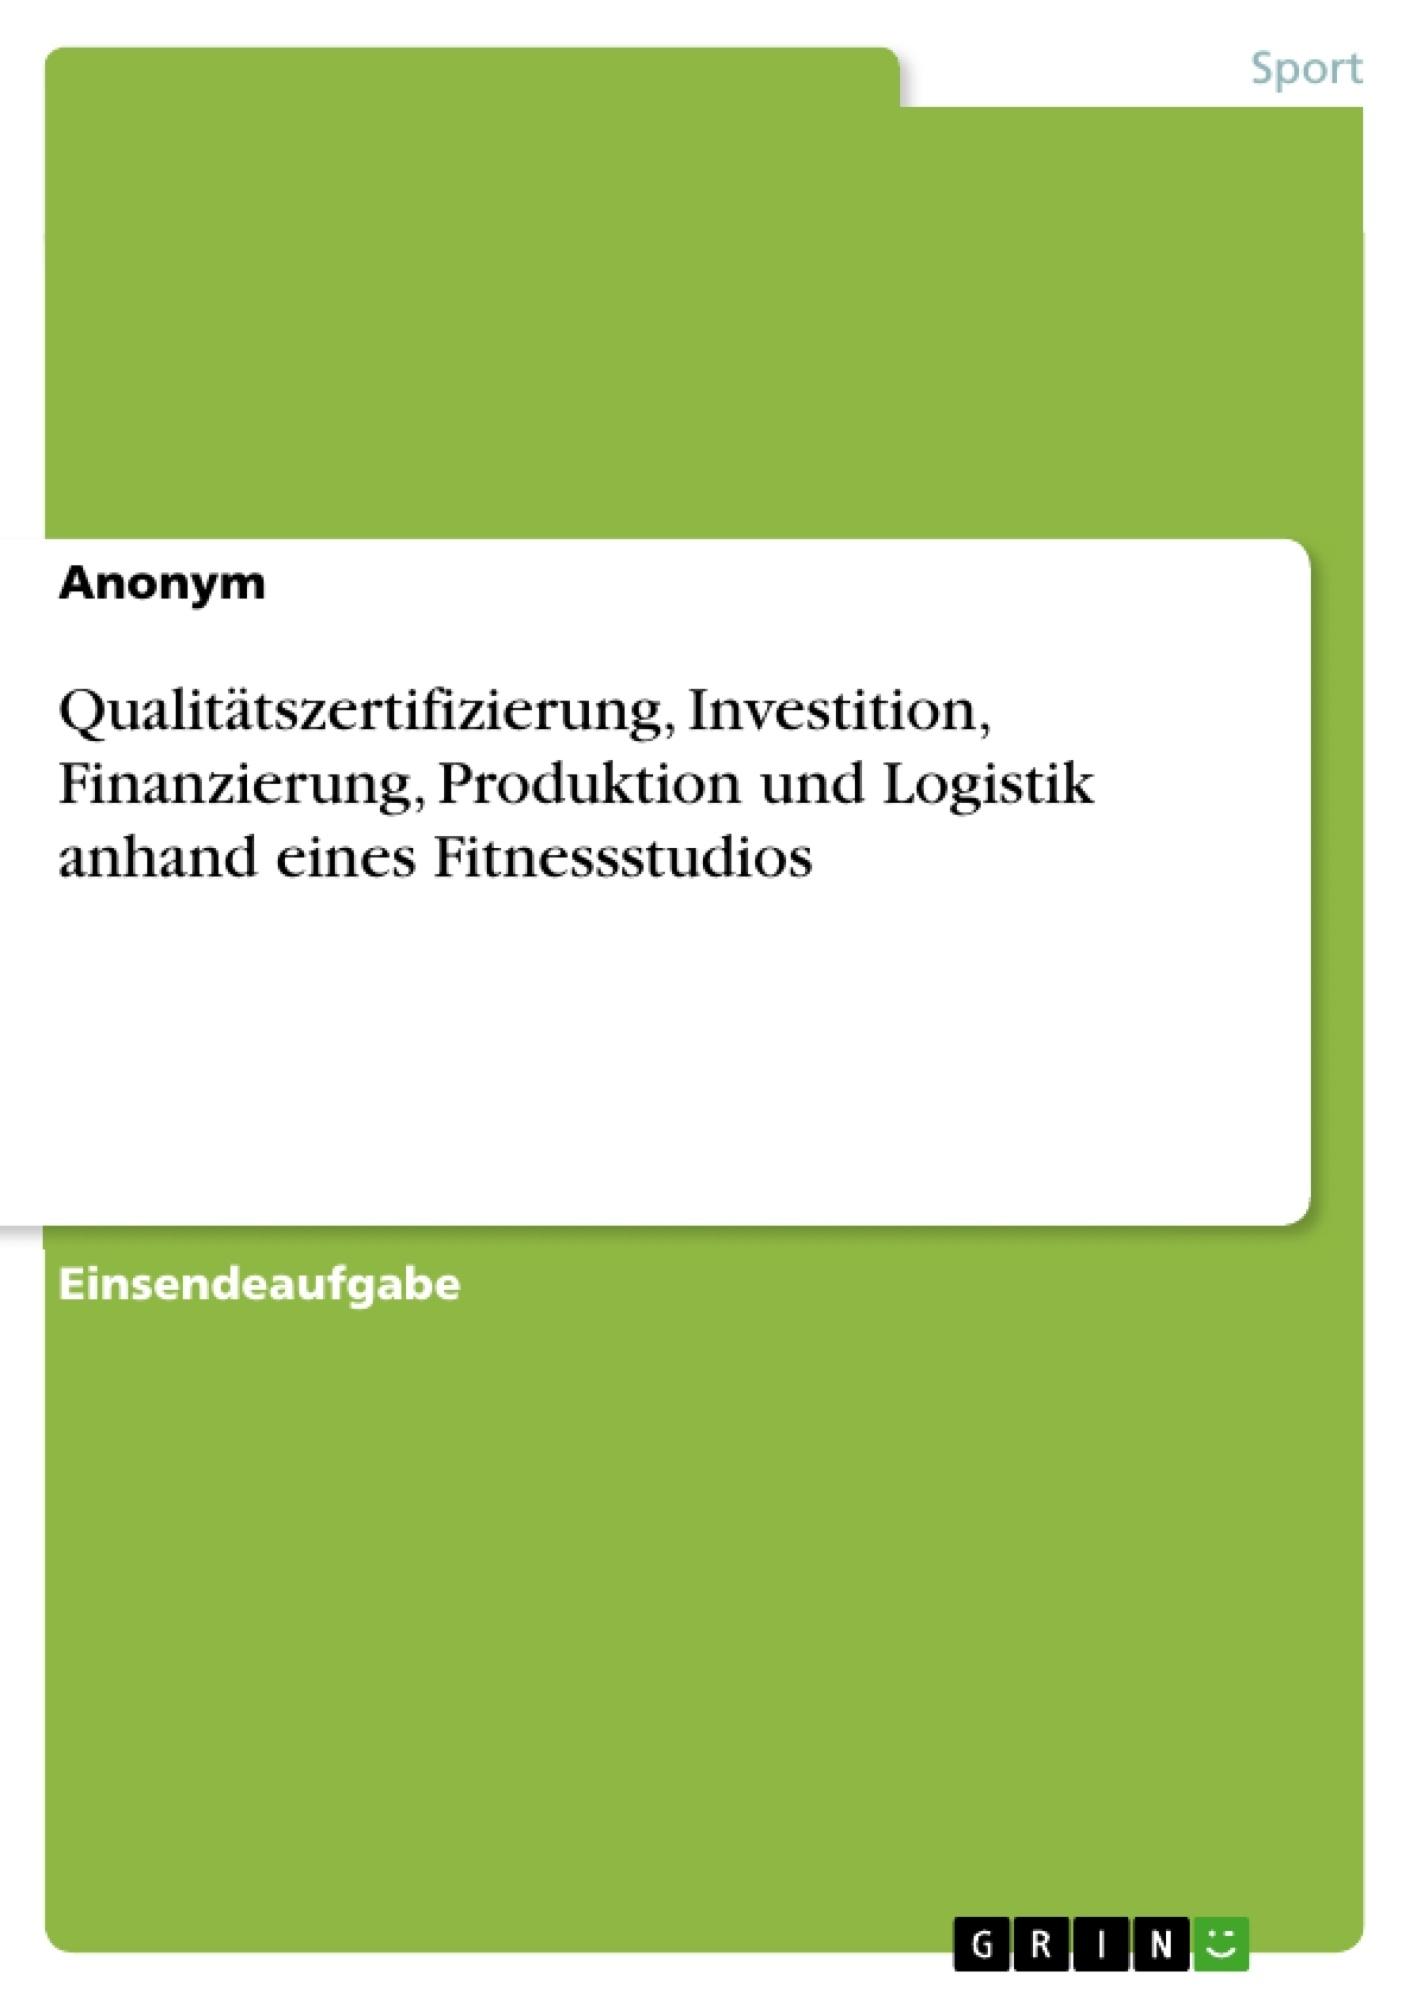 Titel: Qualitätszertifizierung, Investition, Finanzierung, Produktion und Logistik anhand eines Fitnessstudios